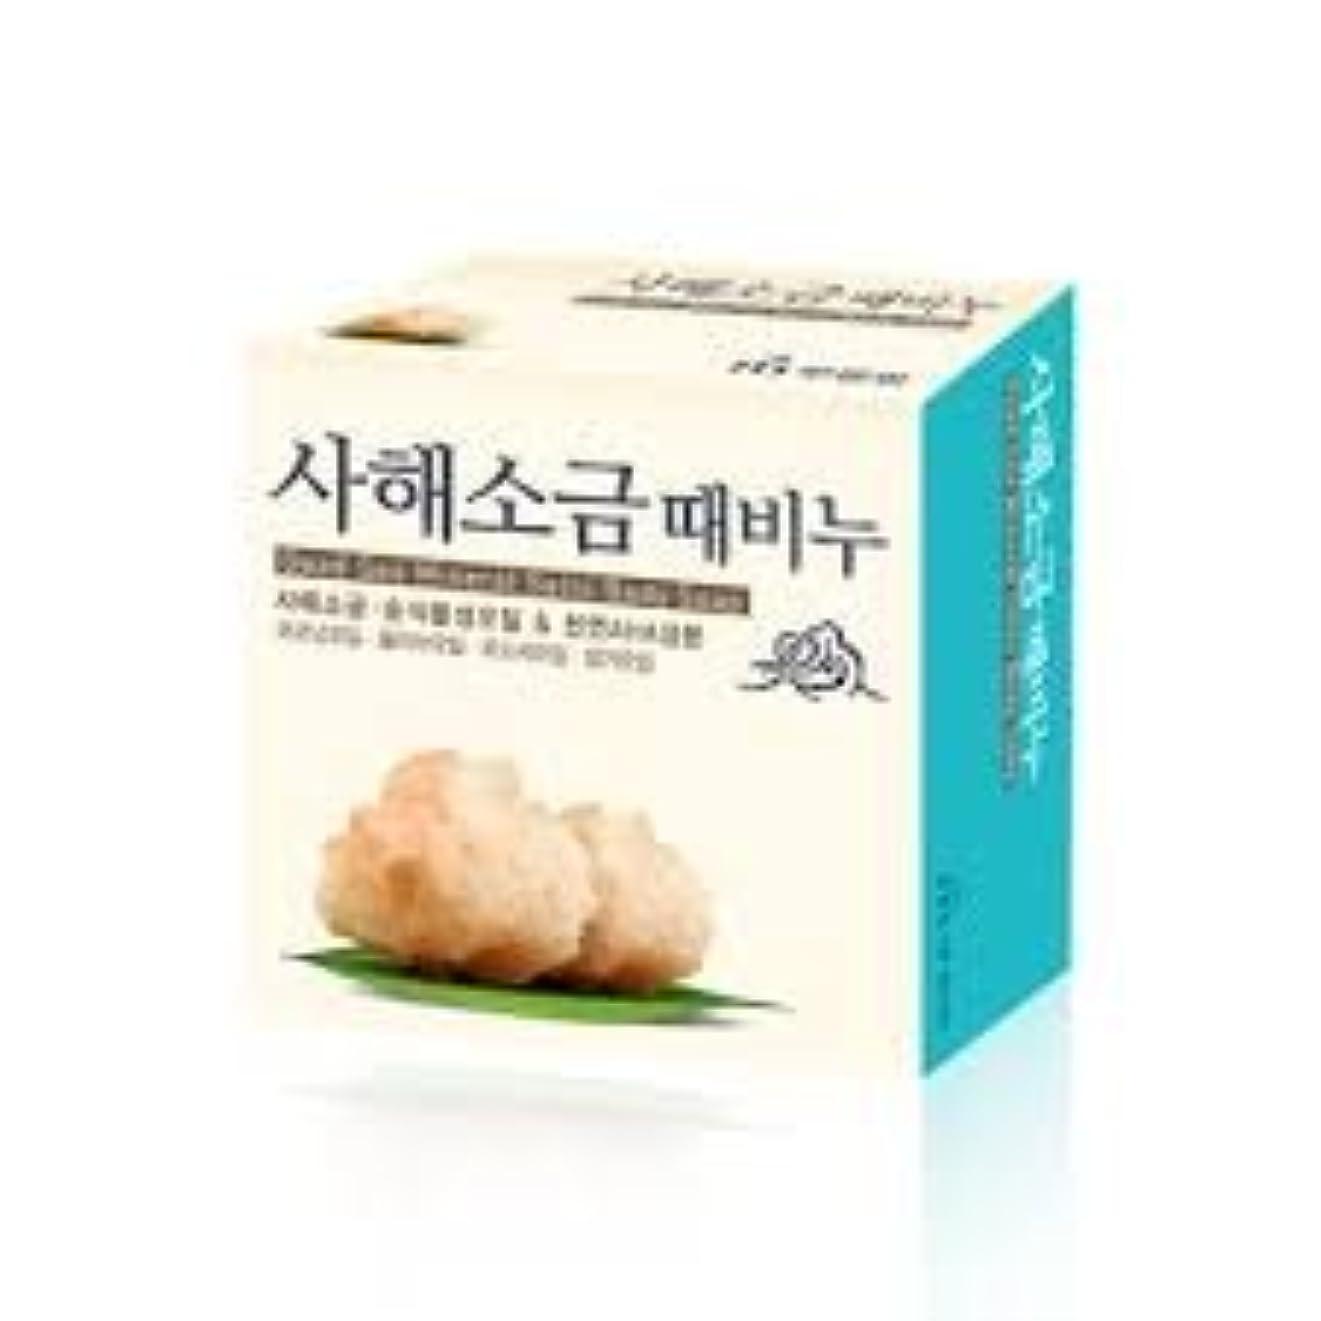 羊飼いコーナーダーツムグンファ[MUKUNGHWA] 死海 塩 垢石鹸 100g/ Dead Sea Mineral Salts Body Soap